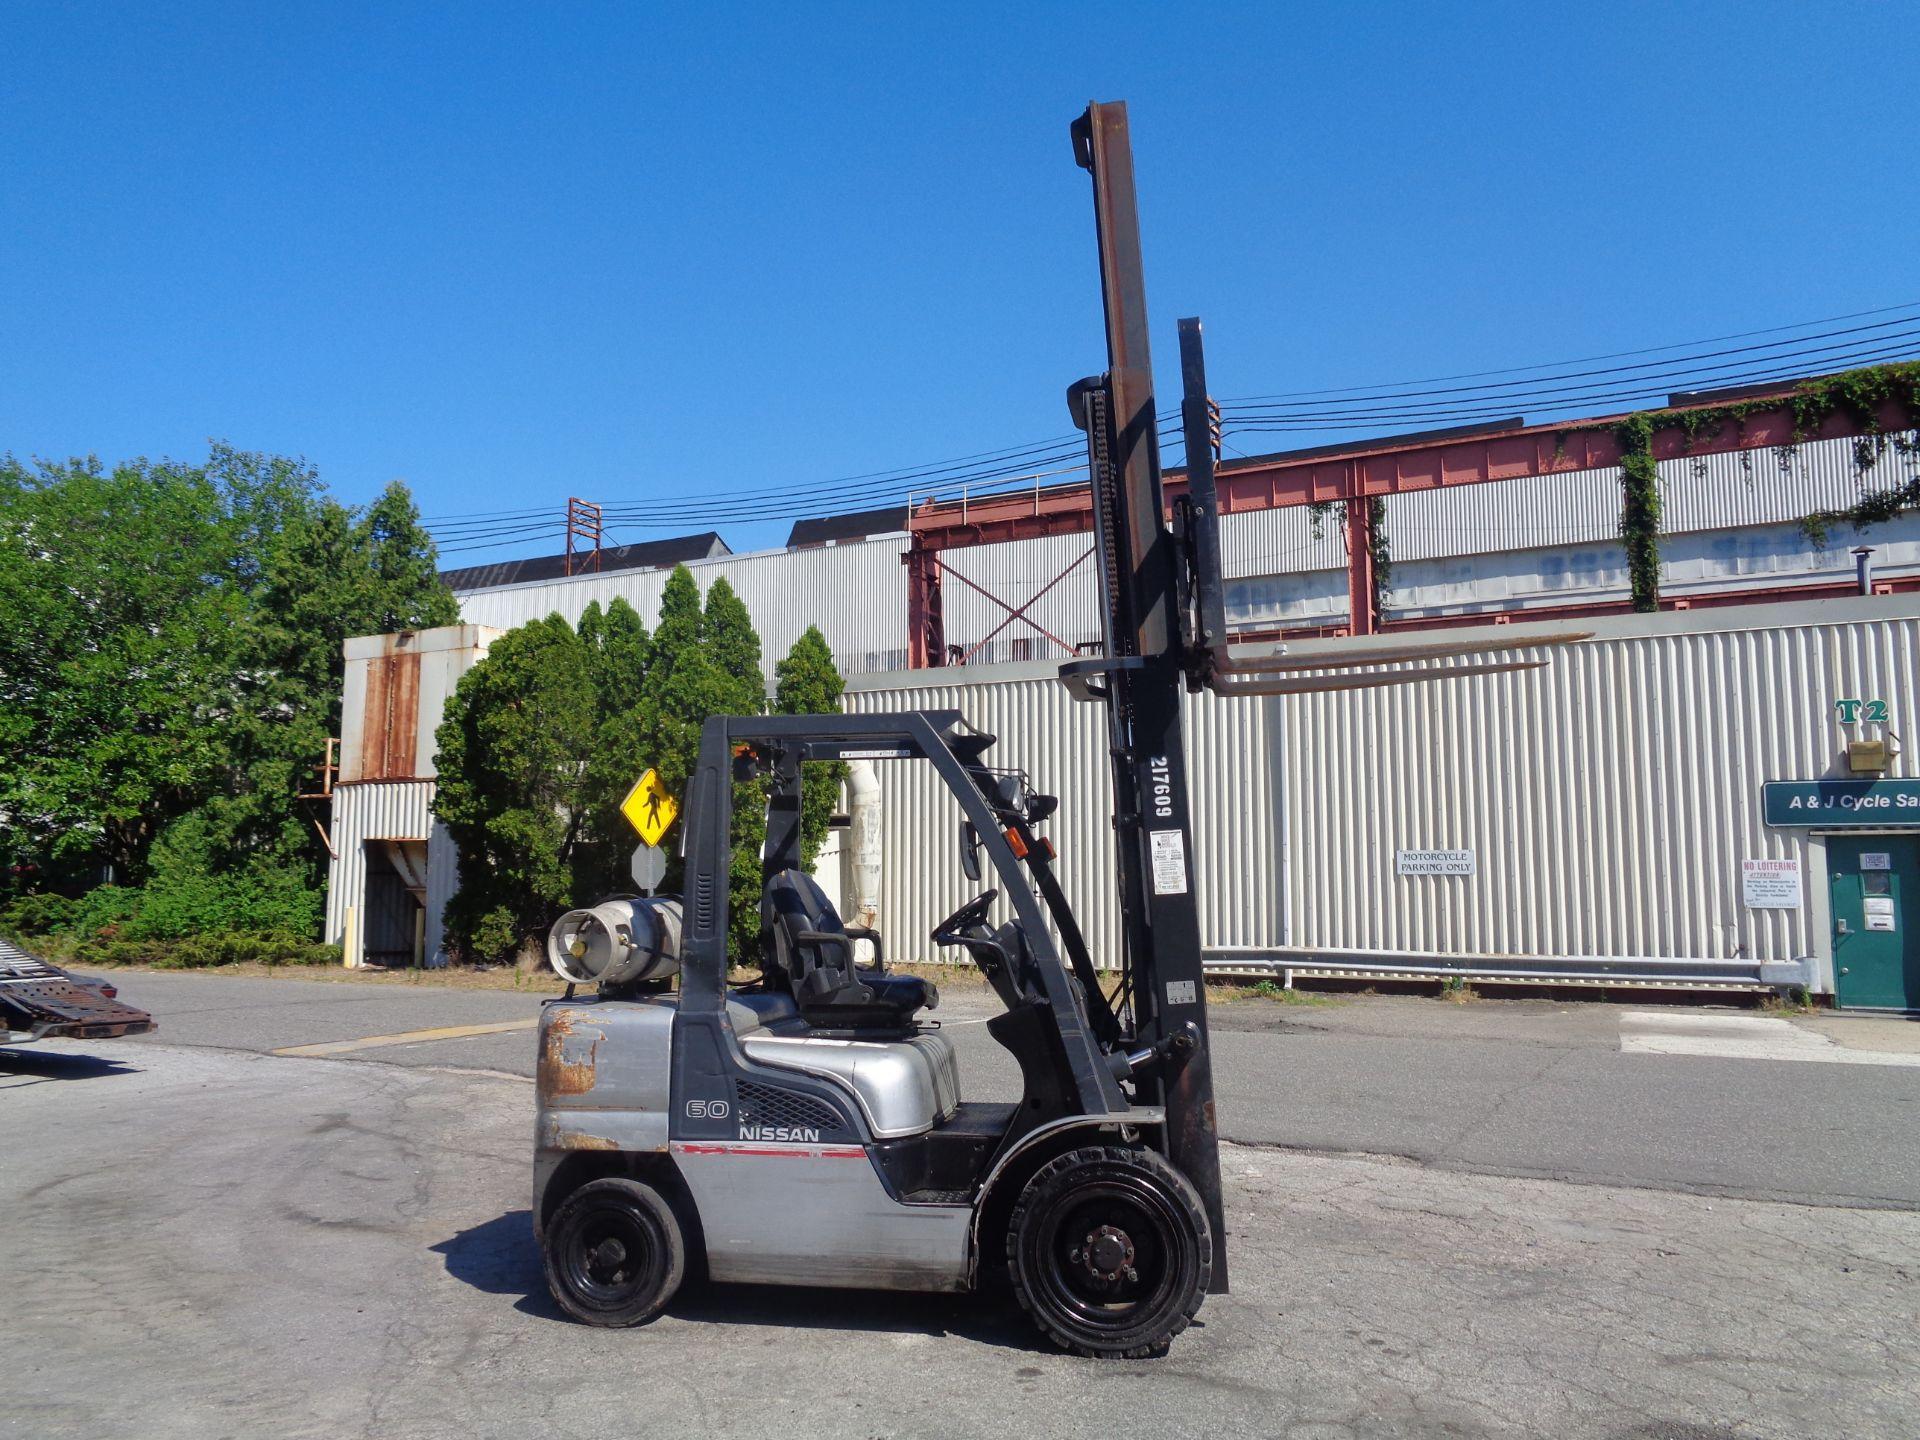 Nissan MUG1F2A30LV 6,000 lbs Forklift - Image 7 of 9